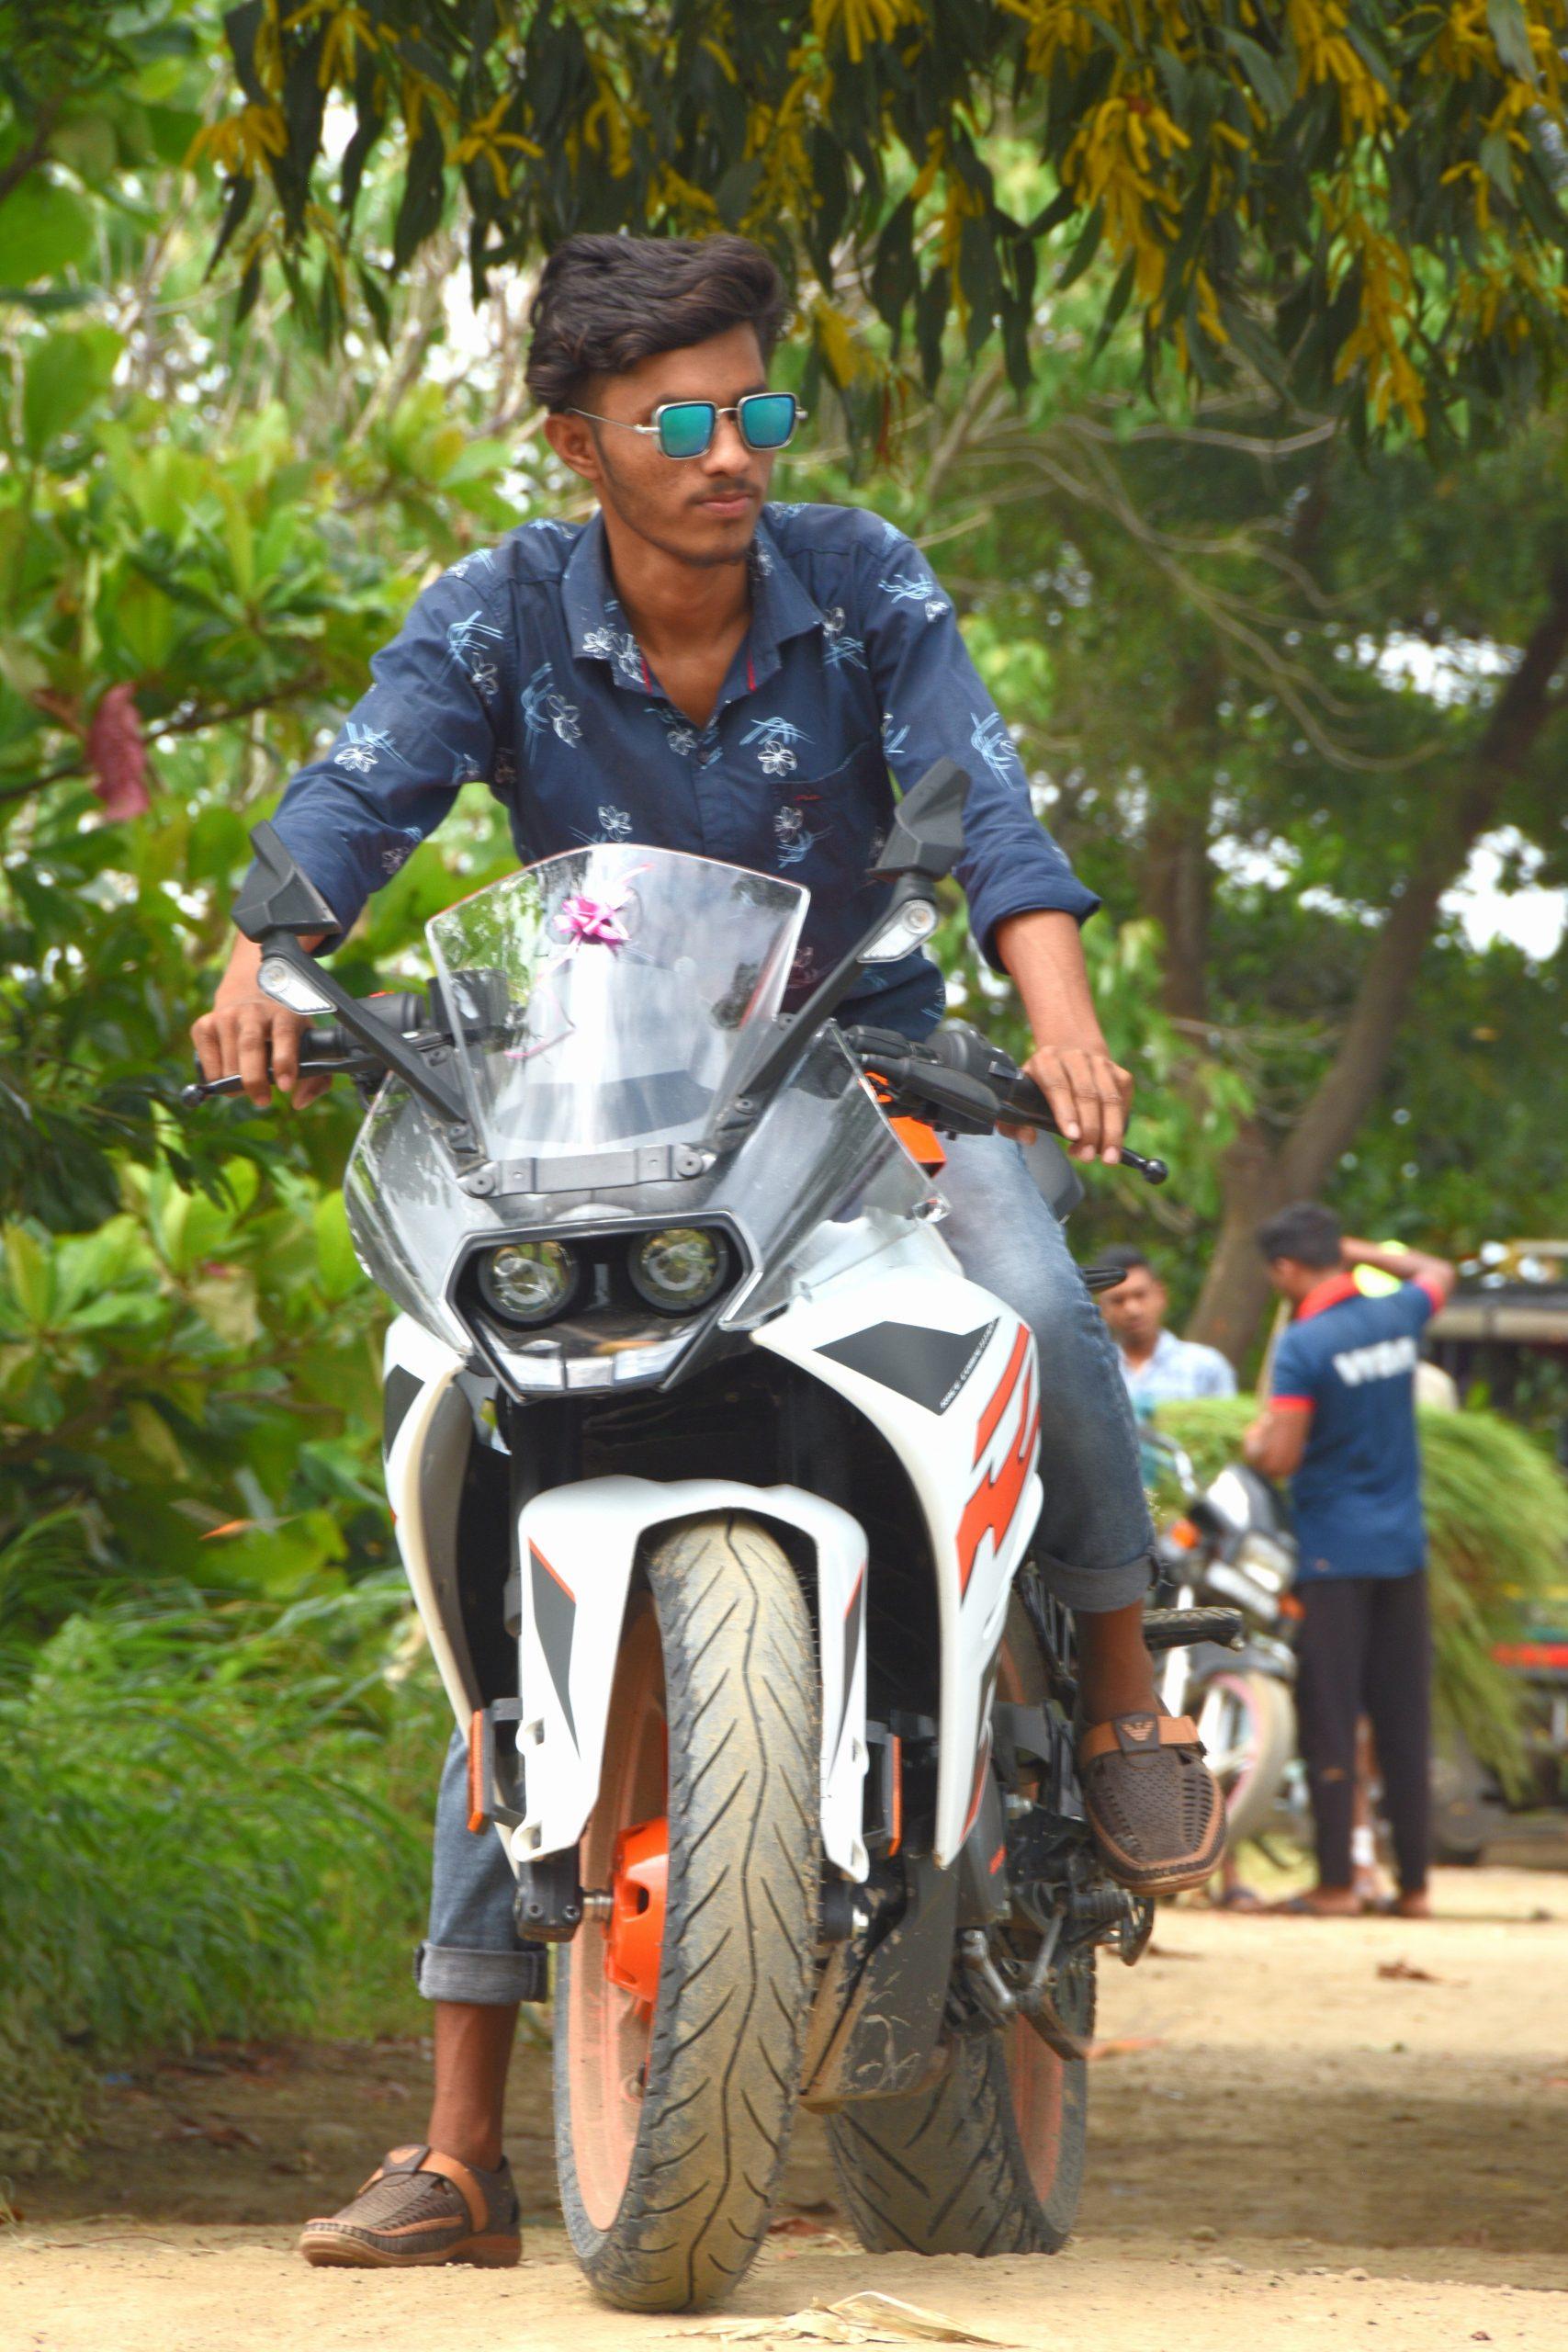 Boy riding bike in garden